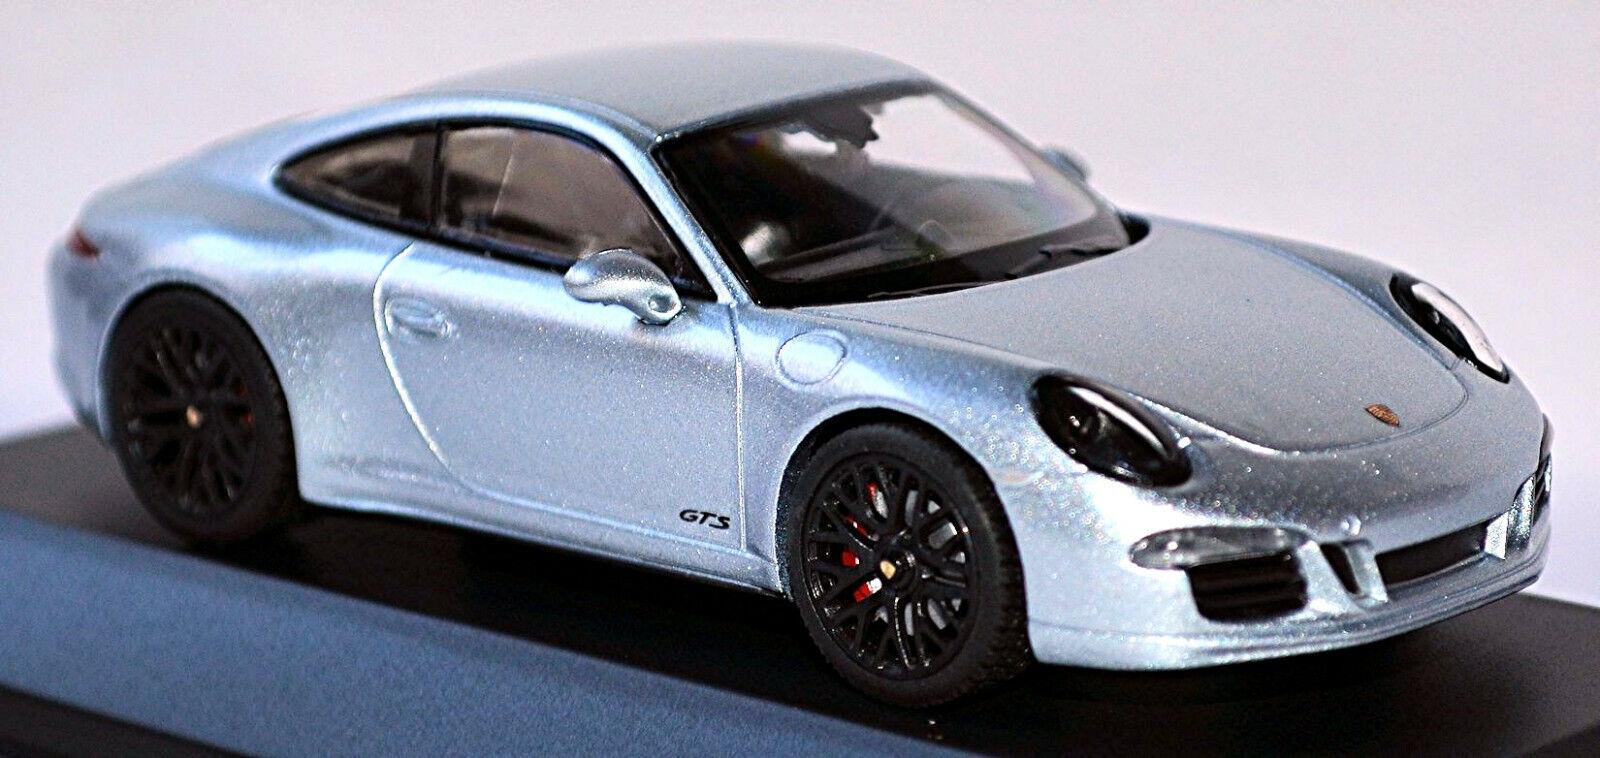 Porsche 991 911 Carrera GTS Coupè Rhodiumargent Metallico 2015 1 43 Schuco